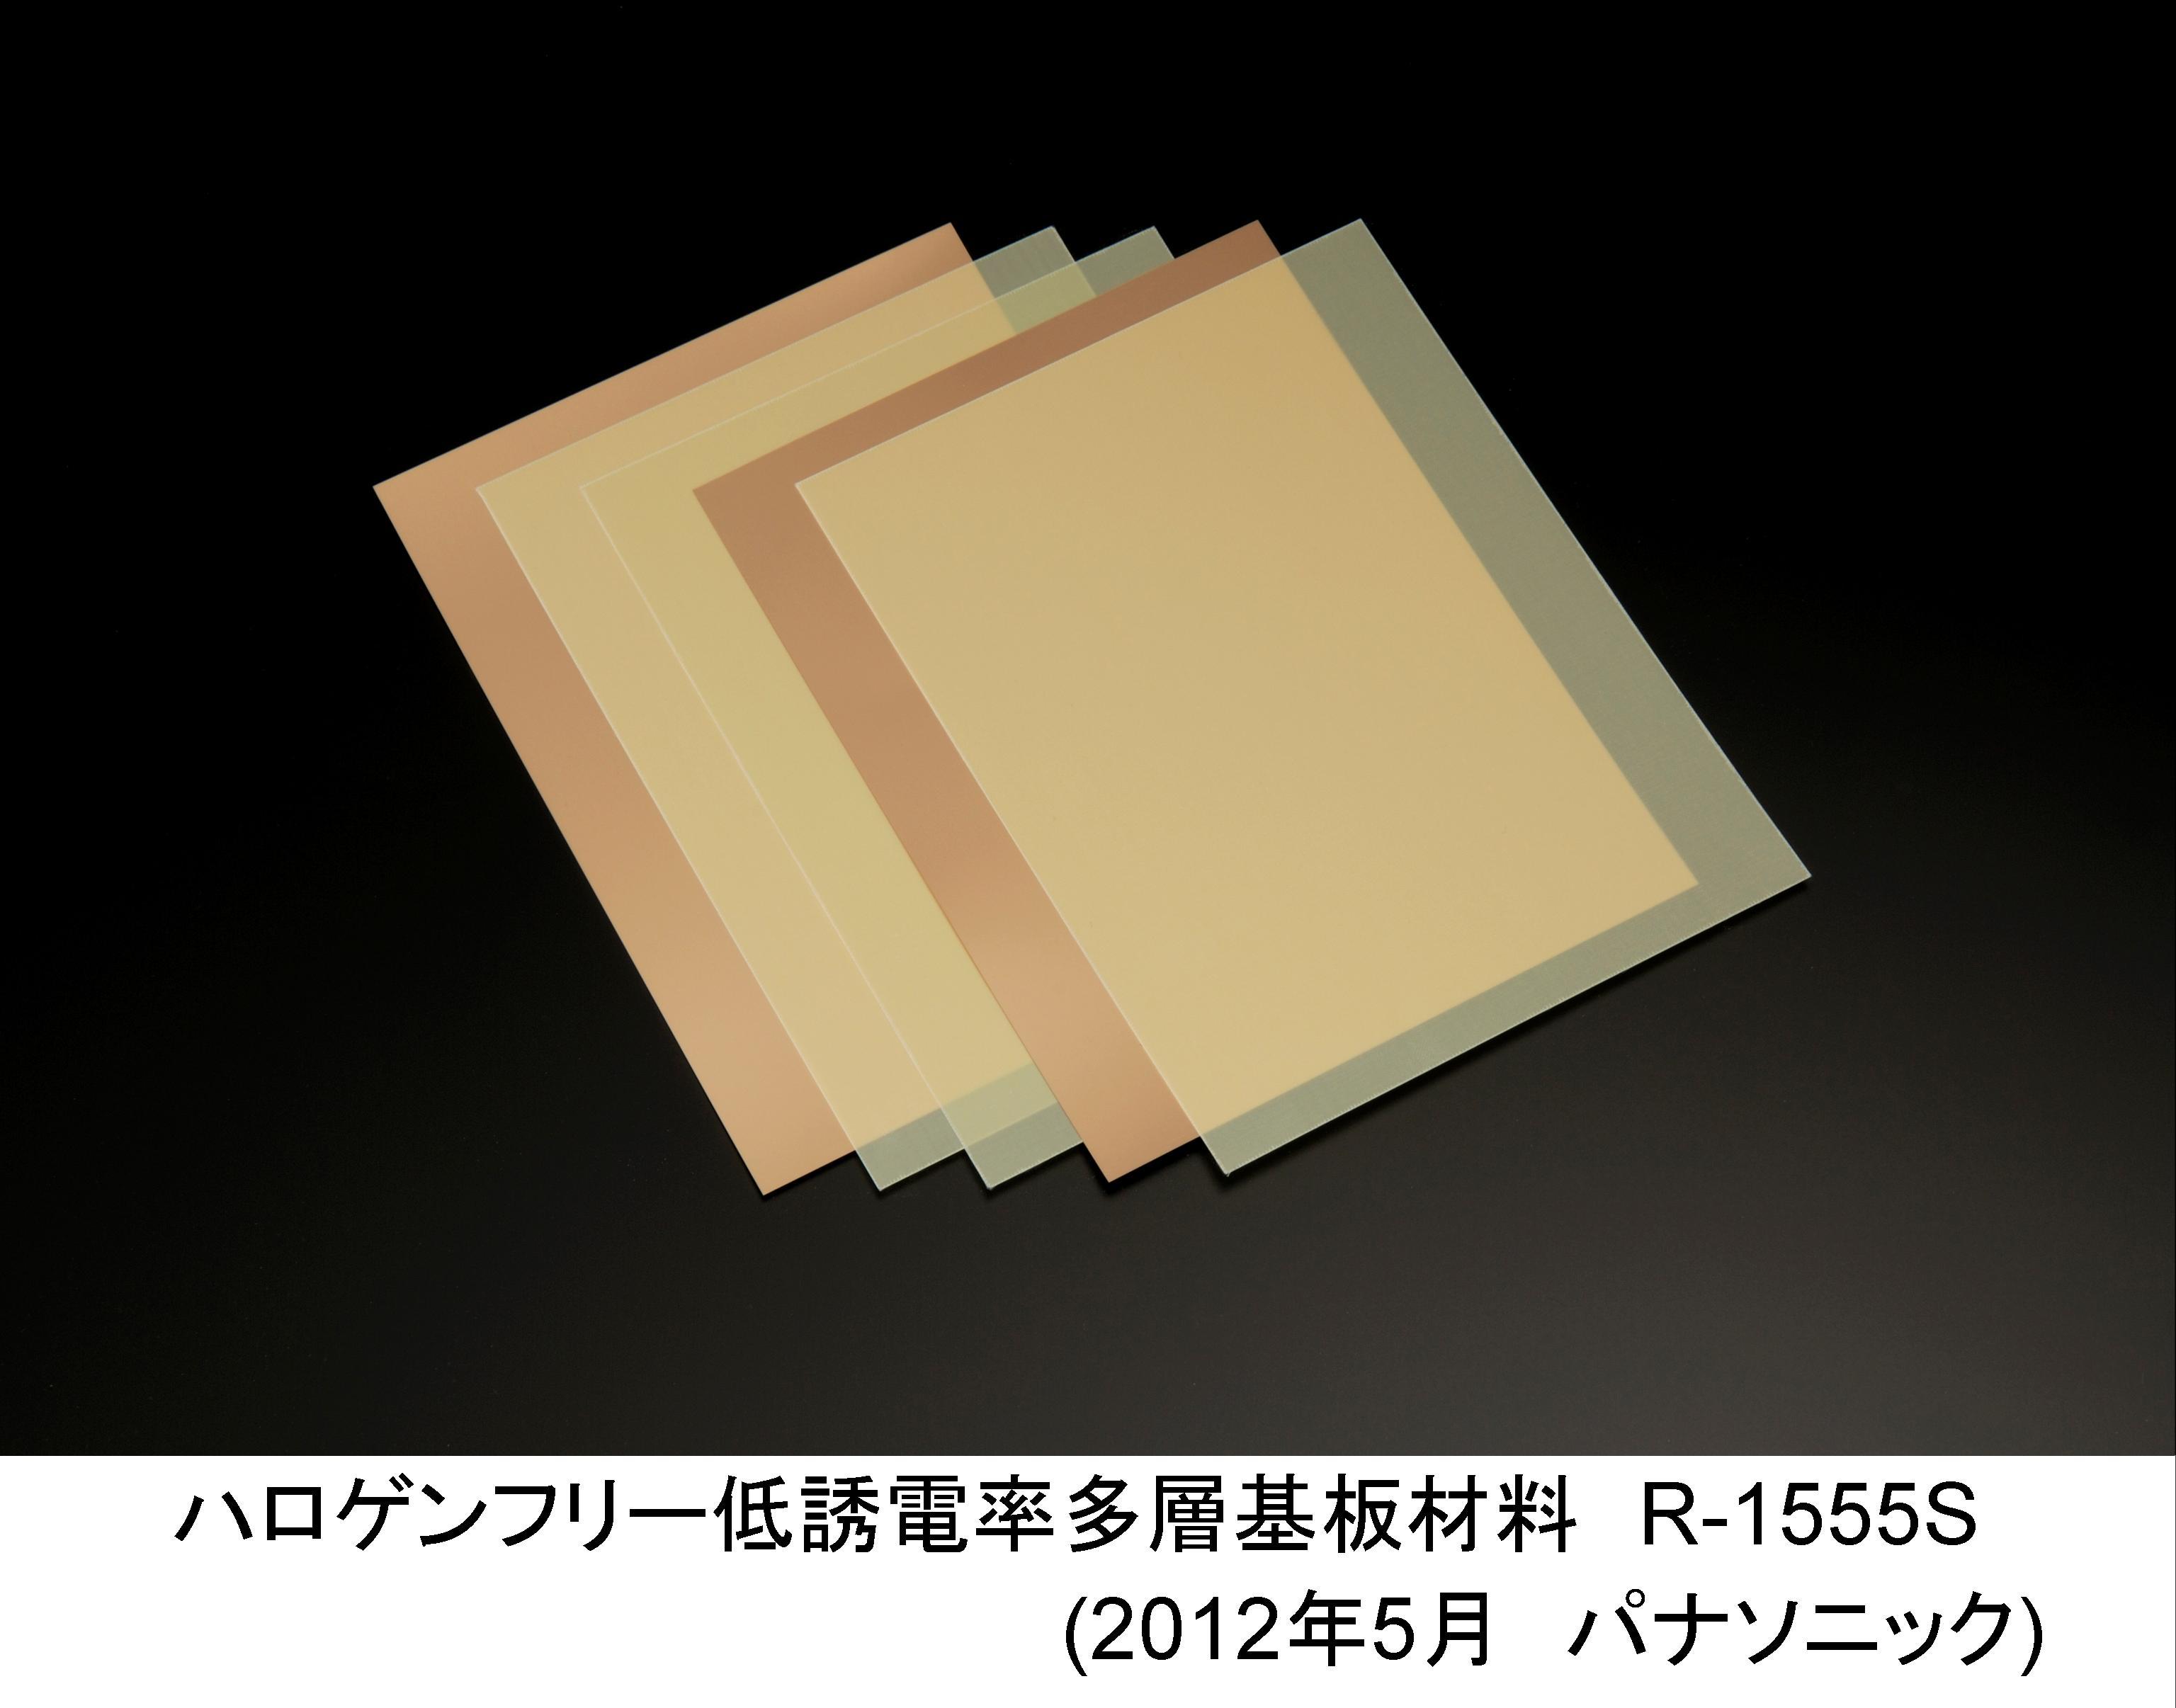 ハロゲンフリー低誘電率多層基板材料